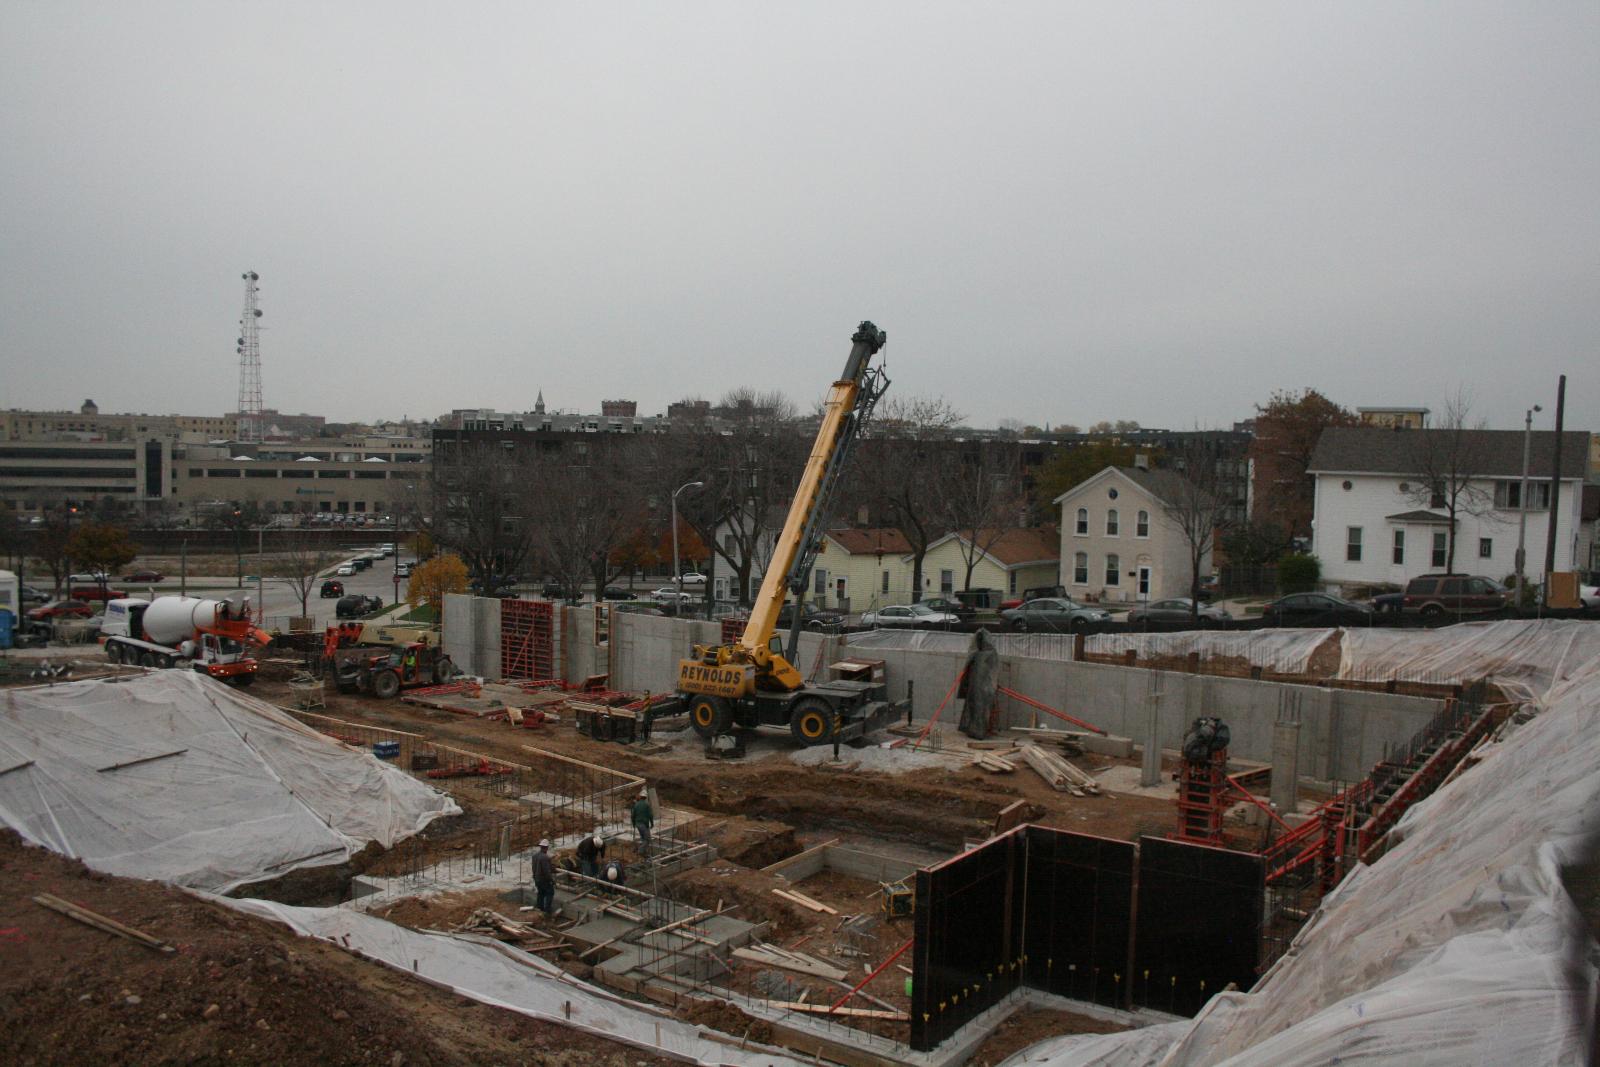 Work is underway at the Avenir site.